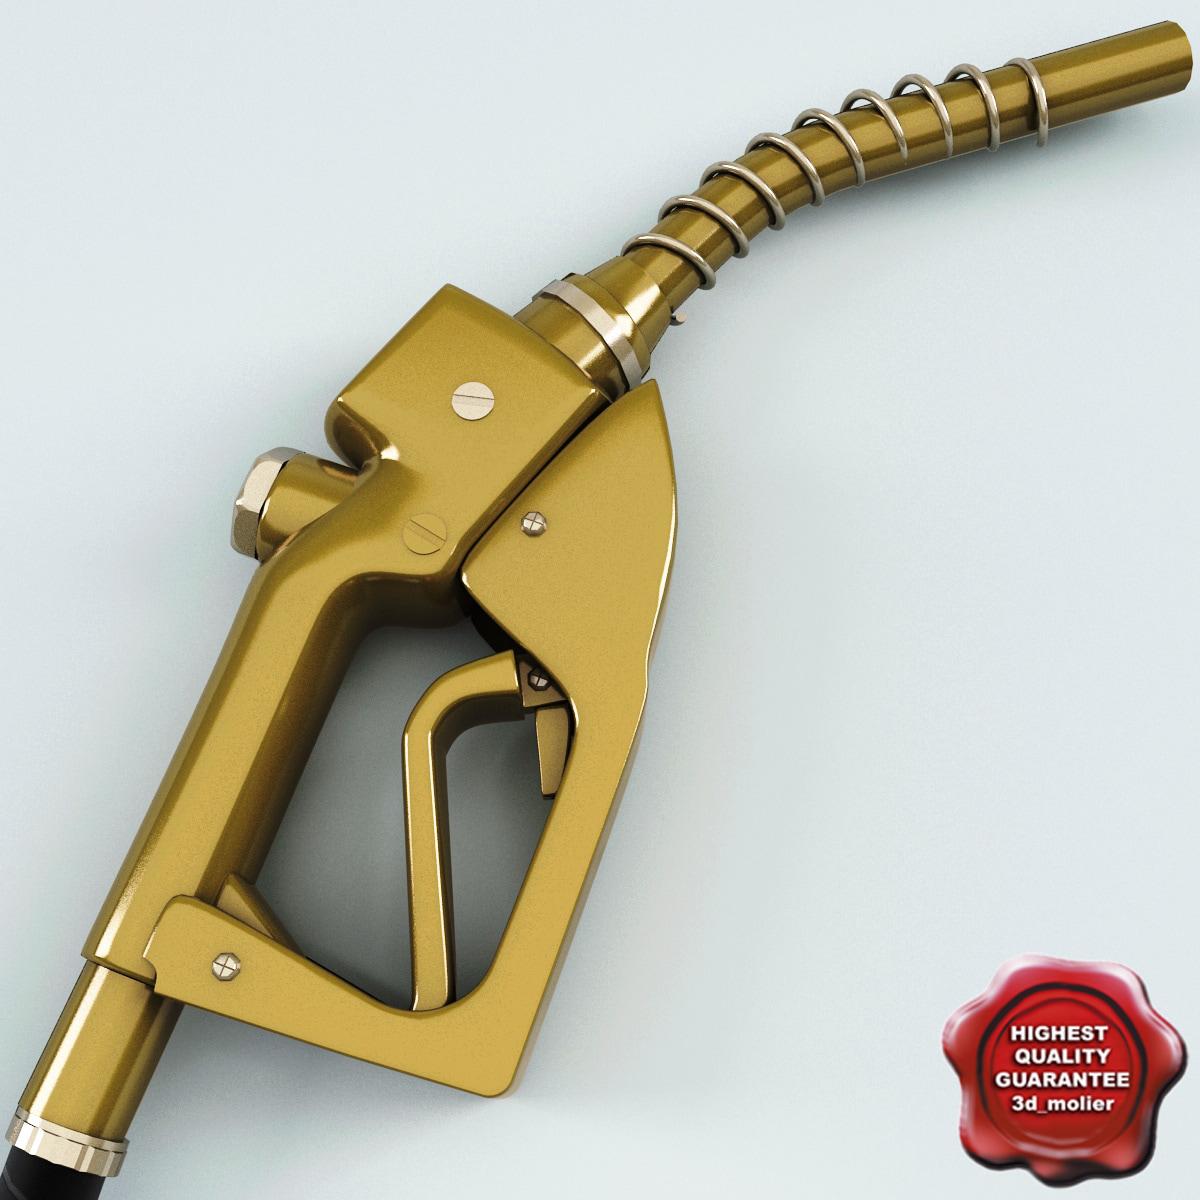 3d model of gas pump